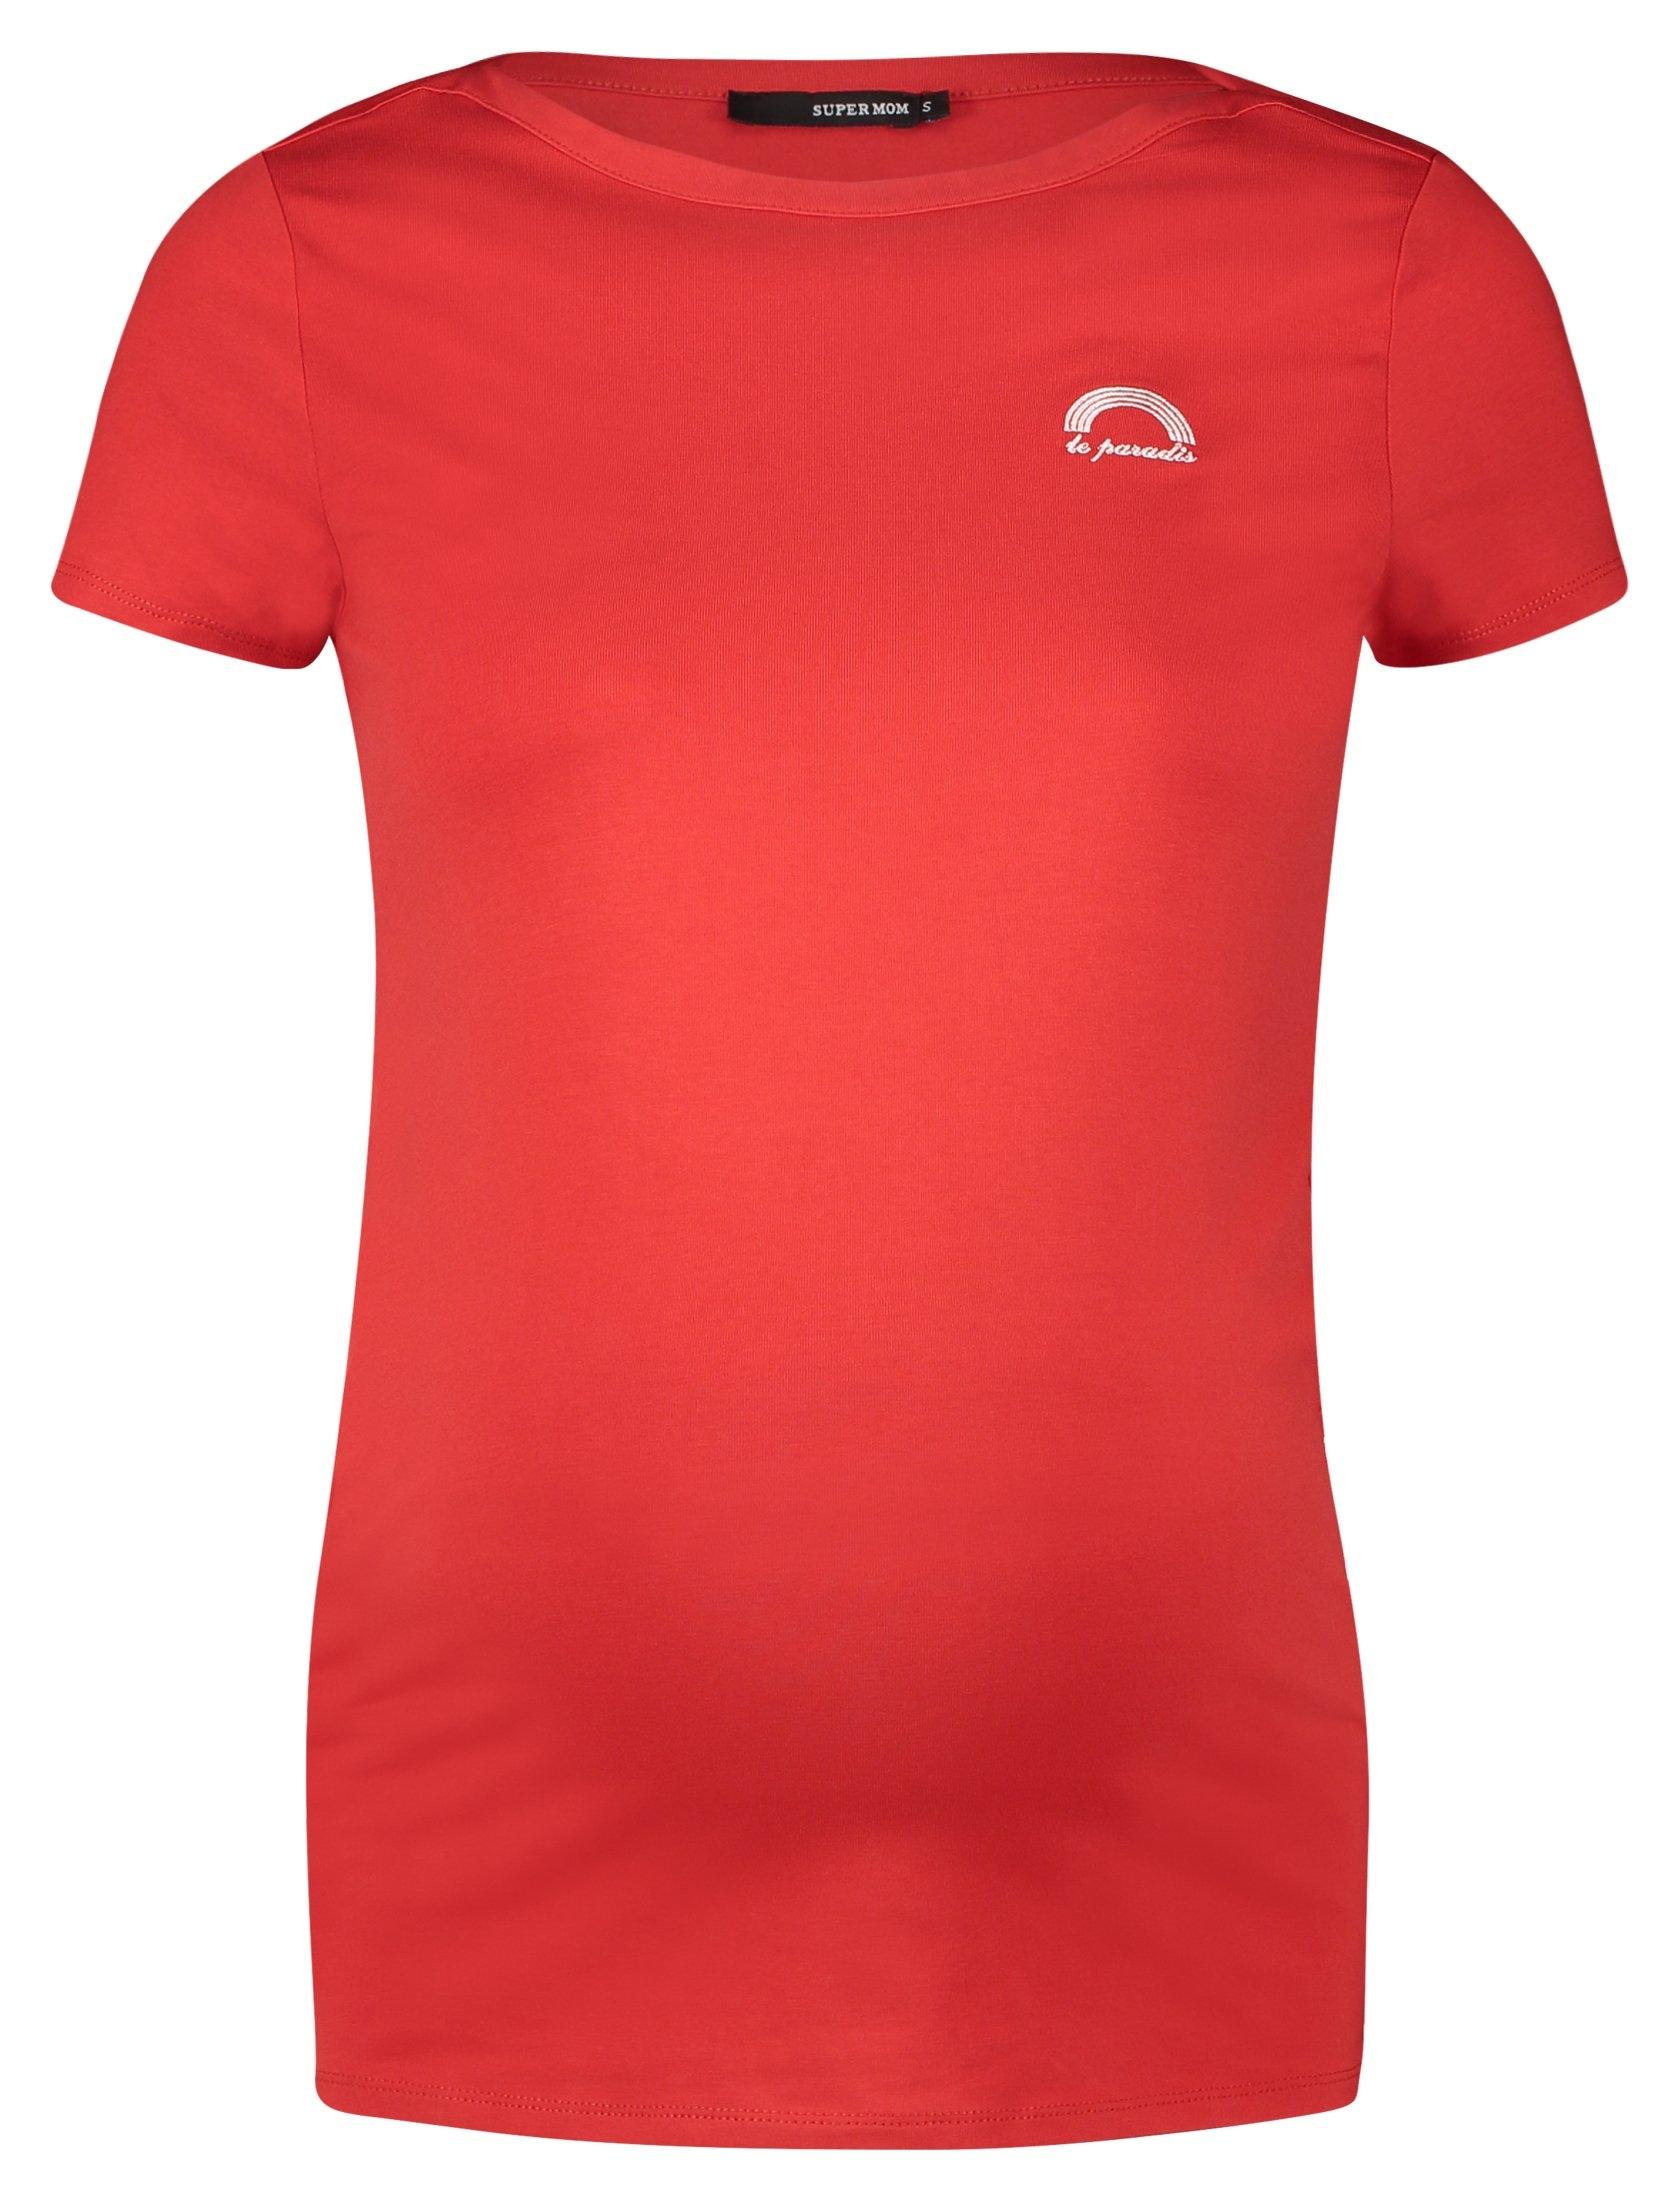 Supermom t-shirt »Embroidery« nu online bestellen